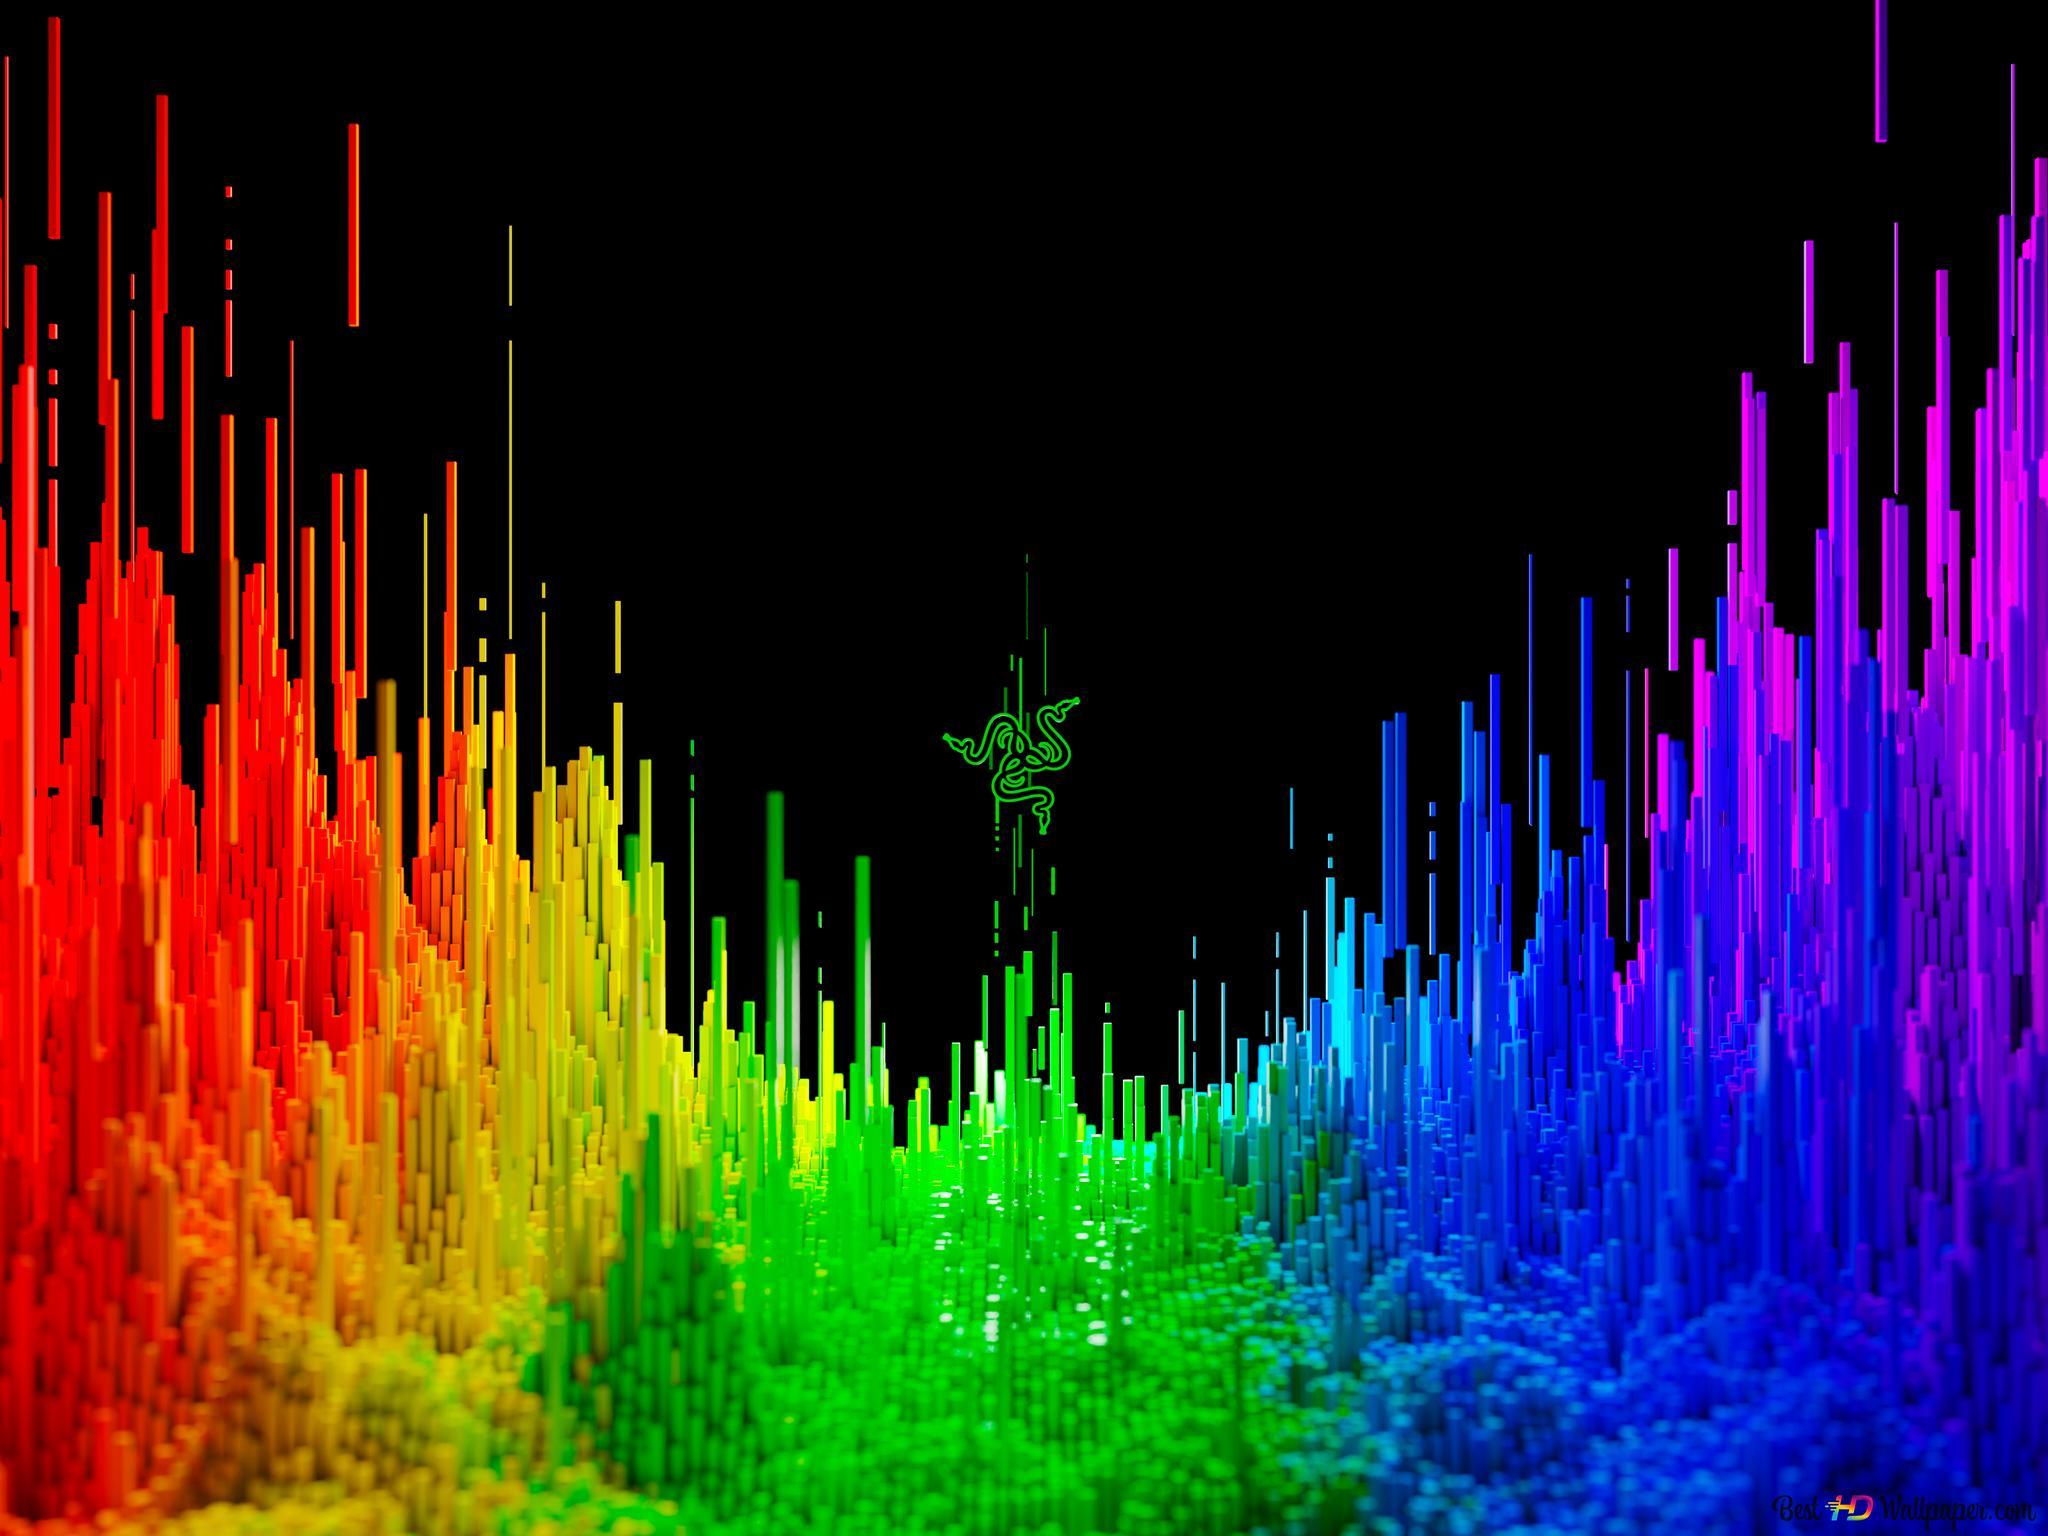 Razer Tecnologia 3d Sfondo Arcobaleno Download Di Sfondi Hd